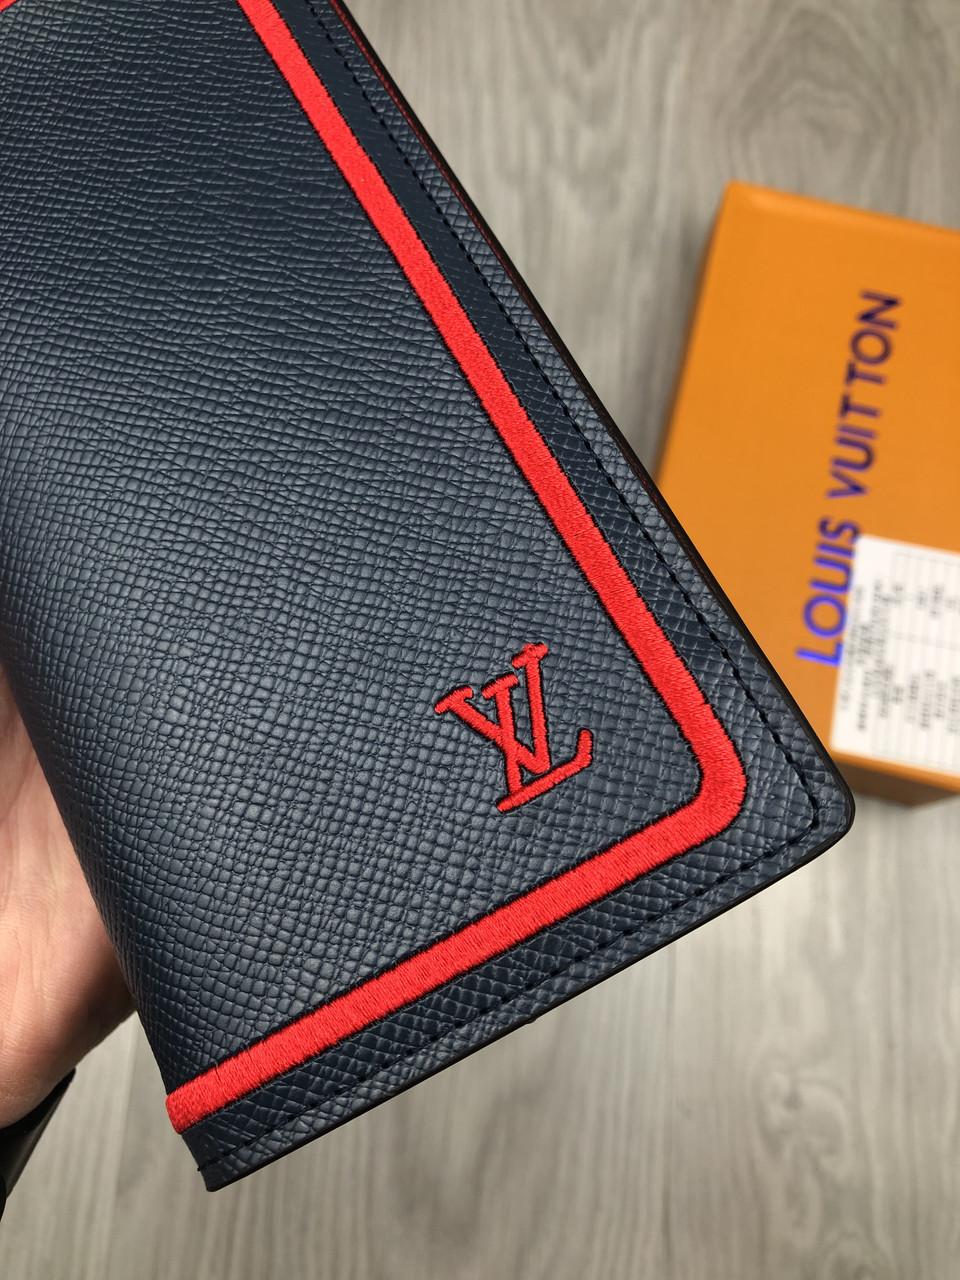 f8785a7906f0 Модный кошелек Louis Vuitton серый натуральная кожа Люкс портмоне Трендовое  Молодежное Луи Виттон копия, ...